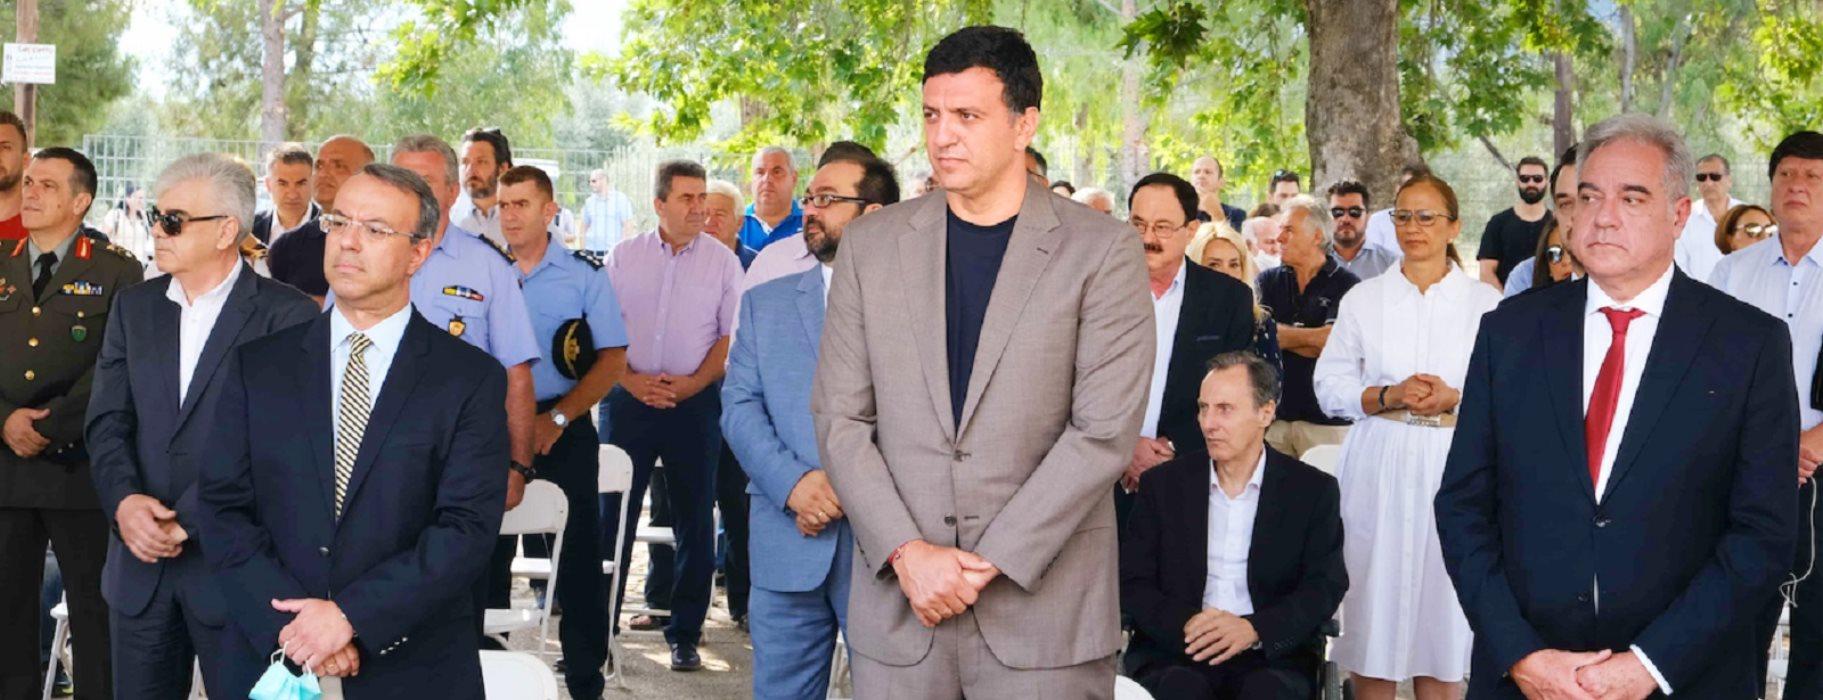 Βασίλης Κικίλιας: Εγκαινίασε την 24ωρη λειτουργία του πρότυπου Κέντρου Υγείας Καμένων Βούρλων (ΦΩΤΟ)